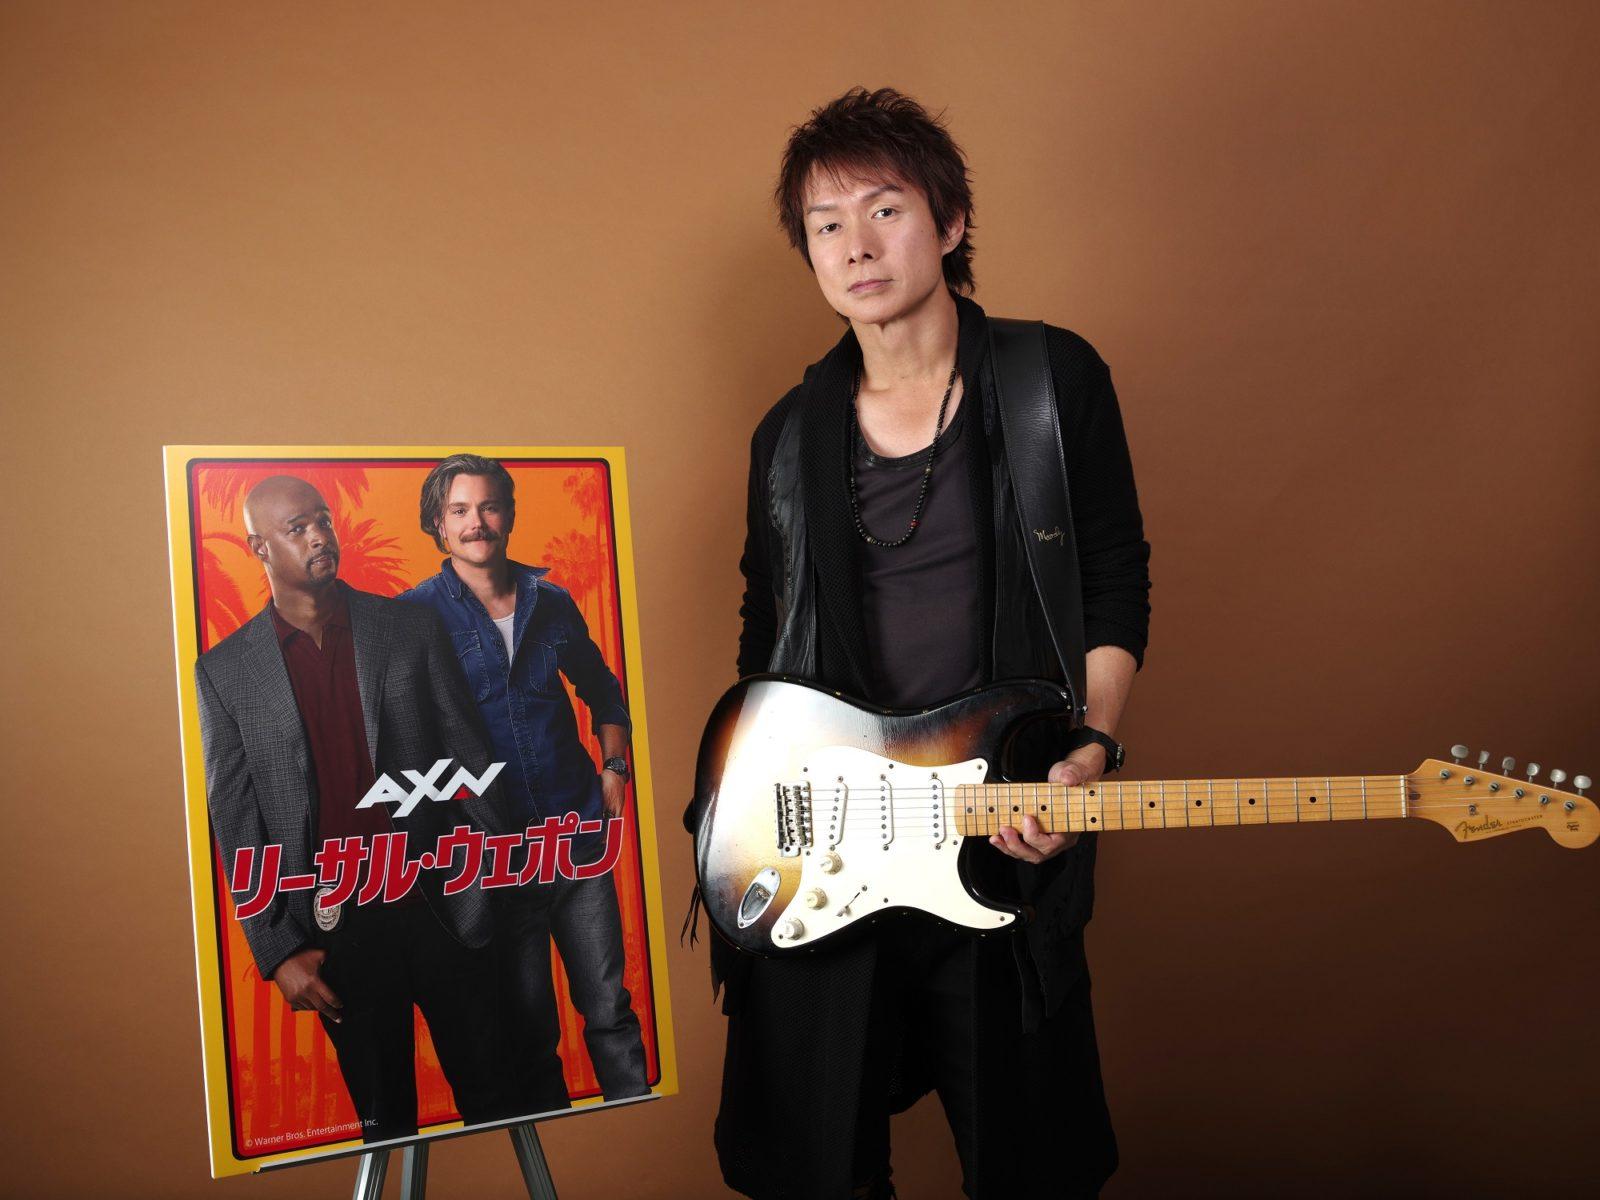 TUBEのギタリスト春畑道哉が海外ドラマ「リーサル・ウェポン」シーズン2 EDテーマを書き下ろし提供サムネイル画像